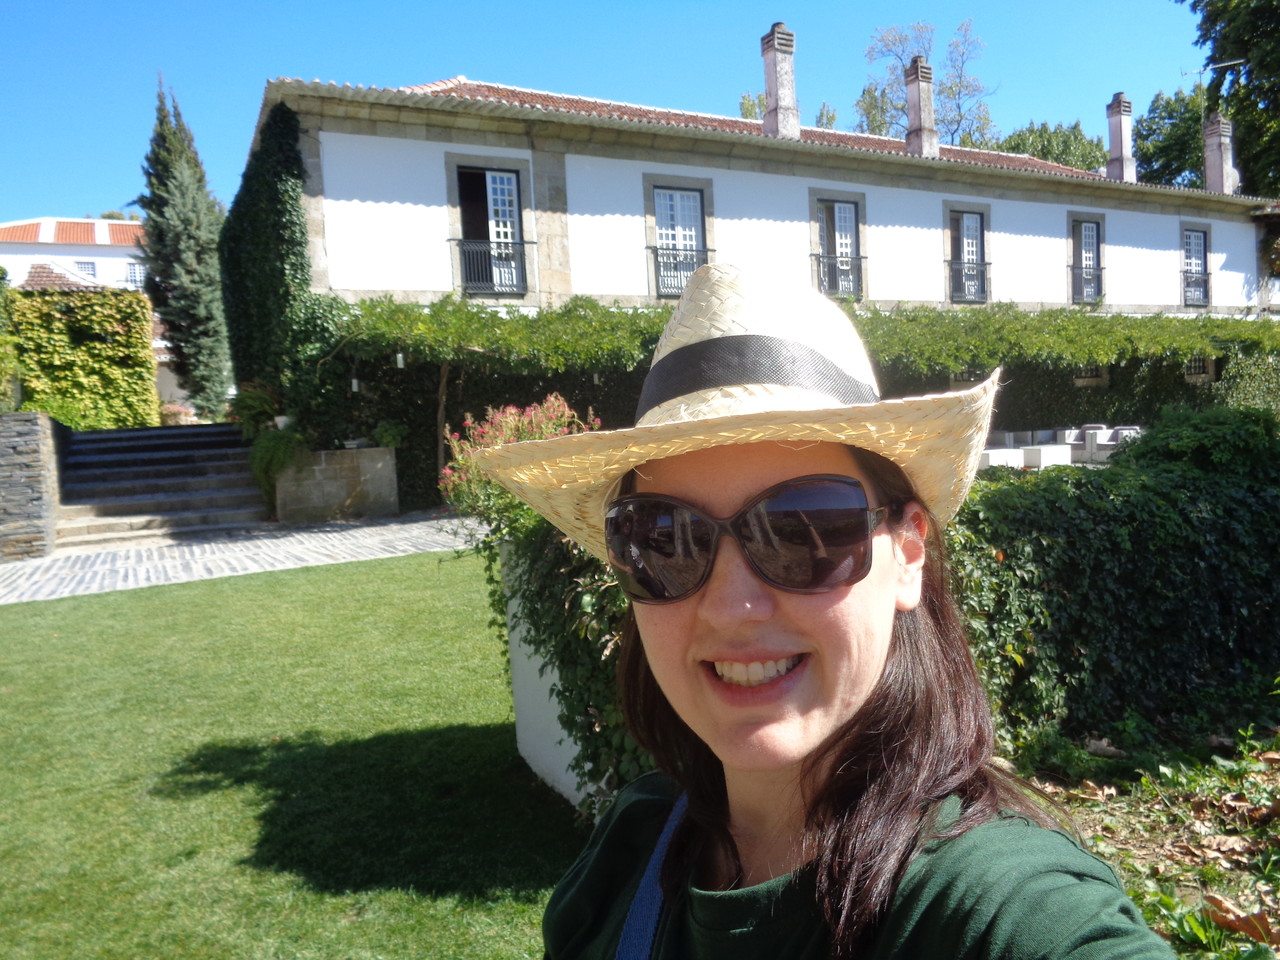 wine harvest in Portugal, wine tours in portugal, wine tours in douro, quinta da pacheca